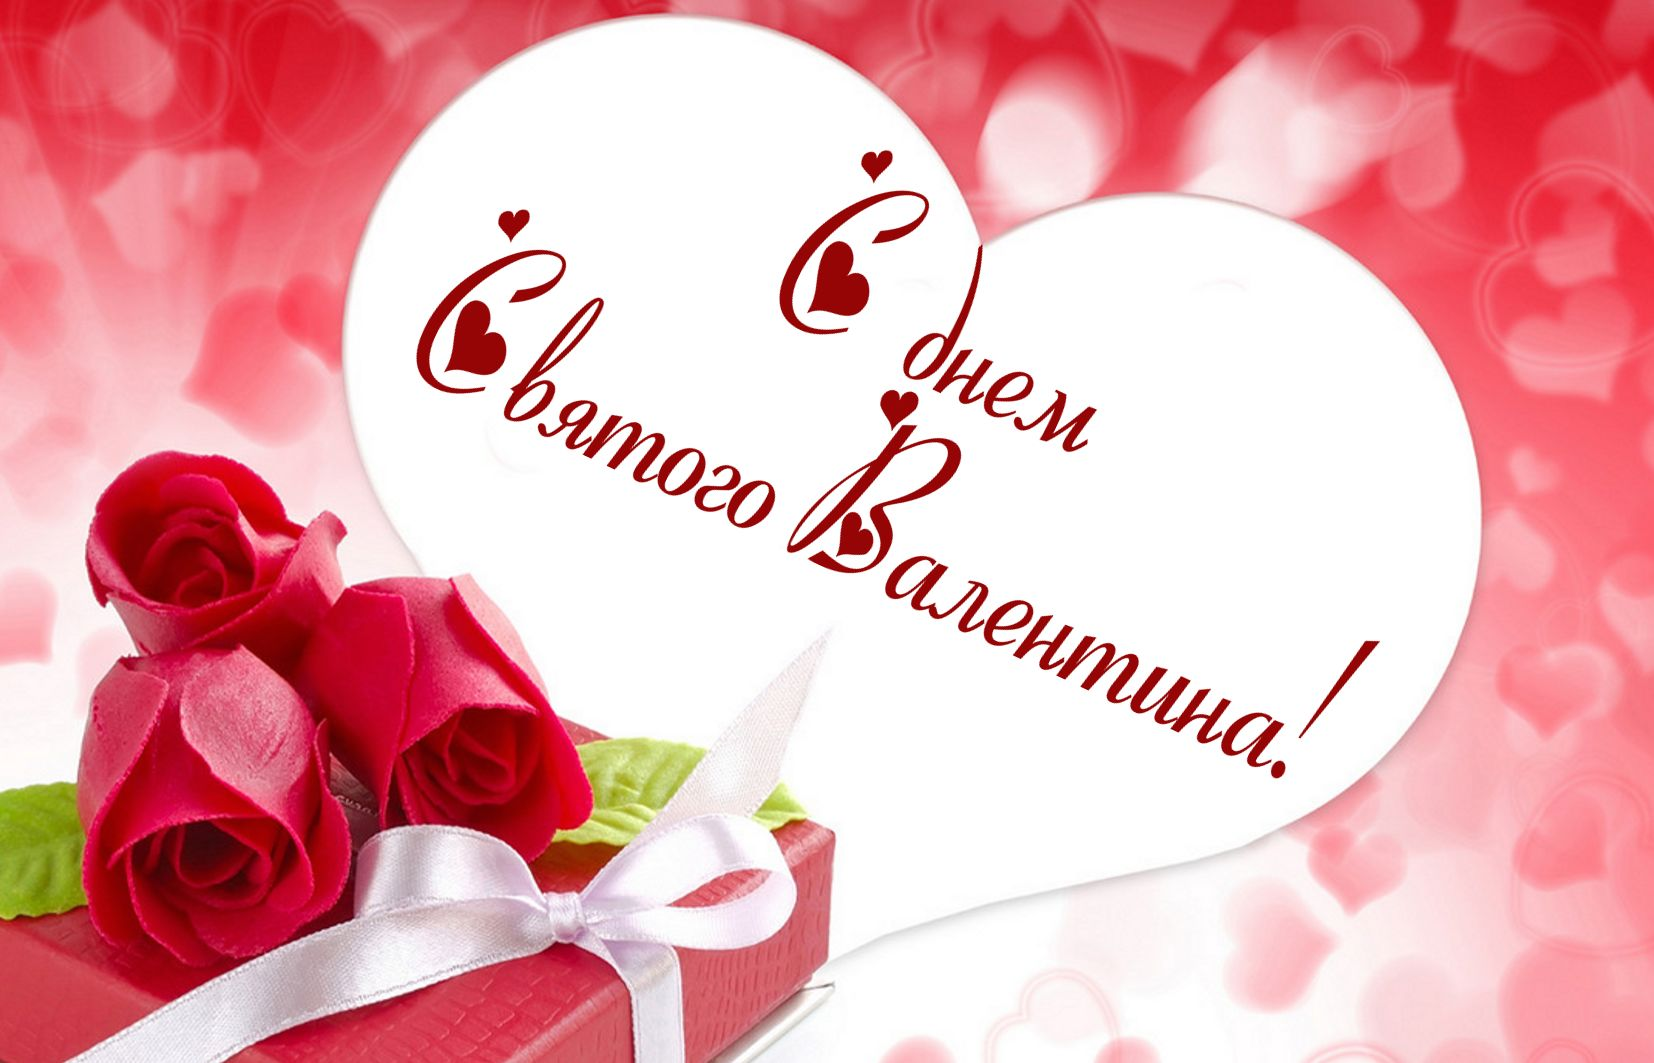 Открытка - подарок на День Святого Валентина